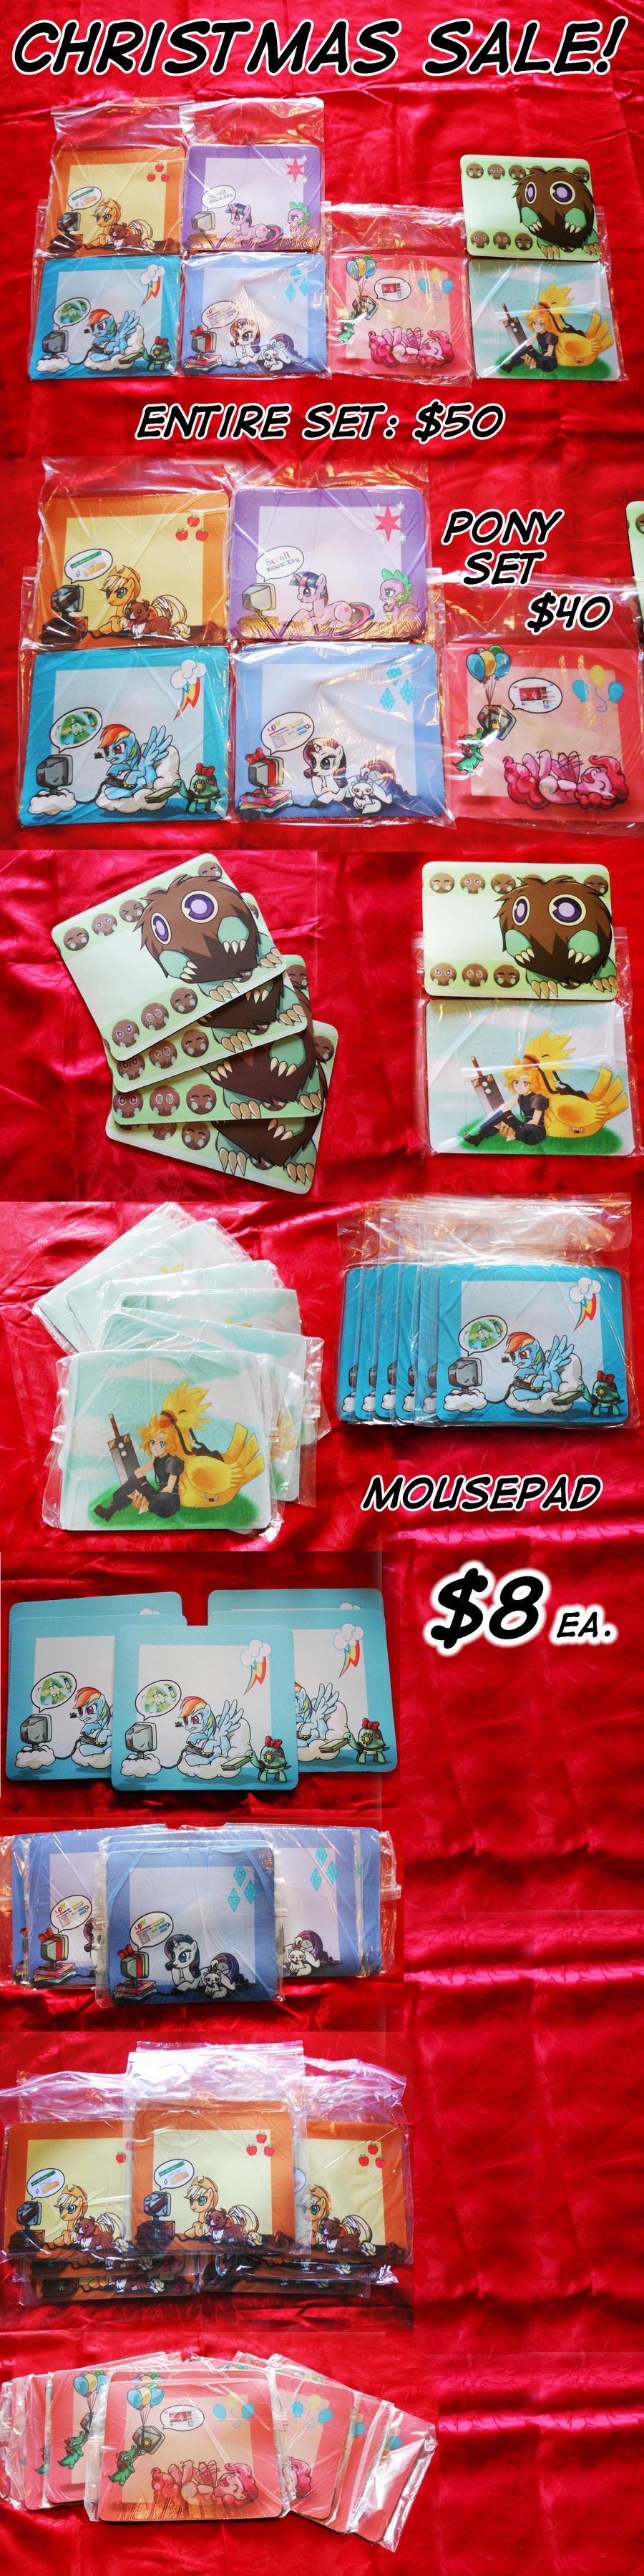 Mega Mousepad Christmas Sale!